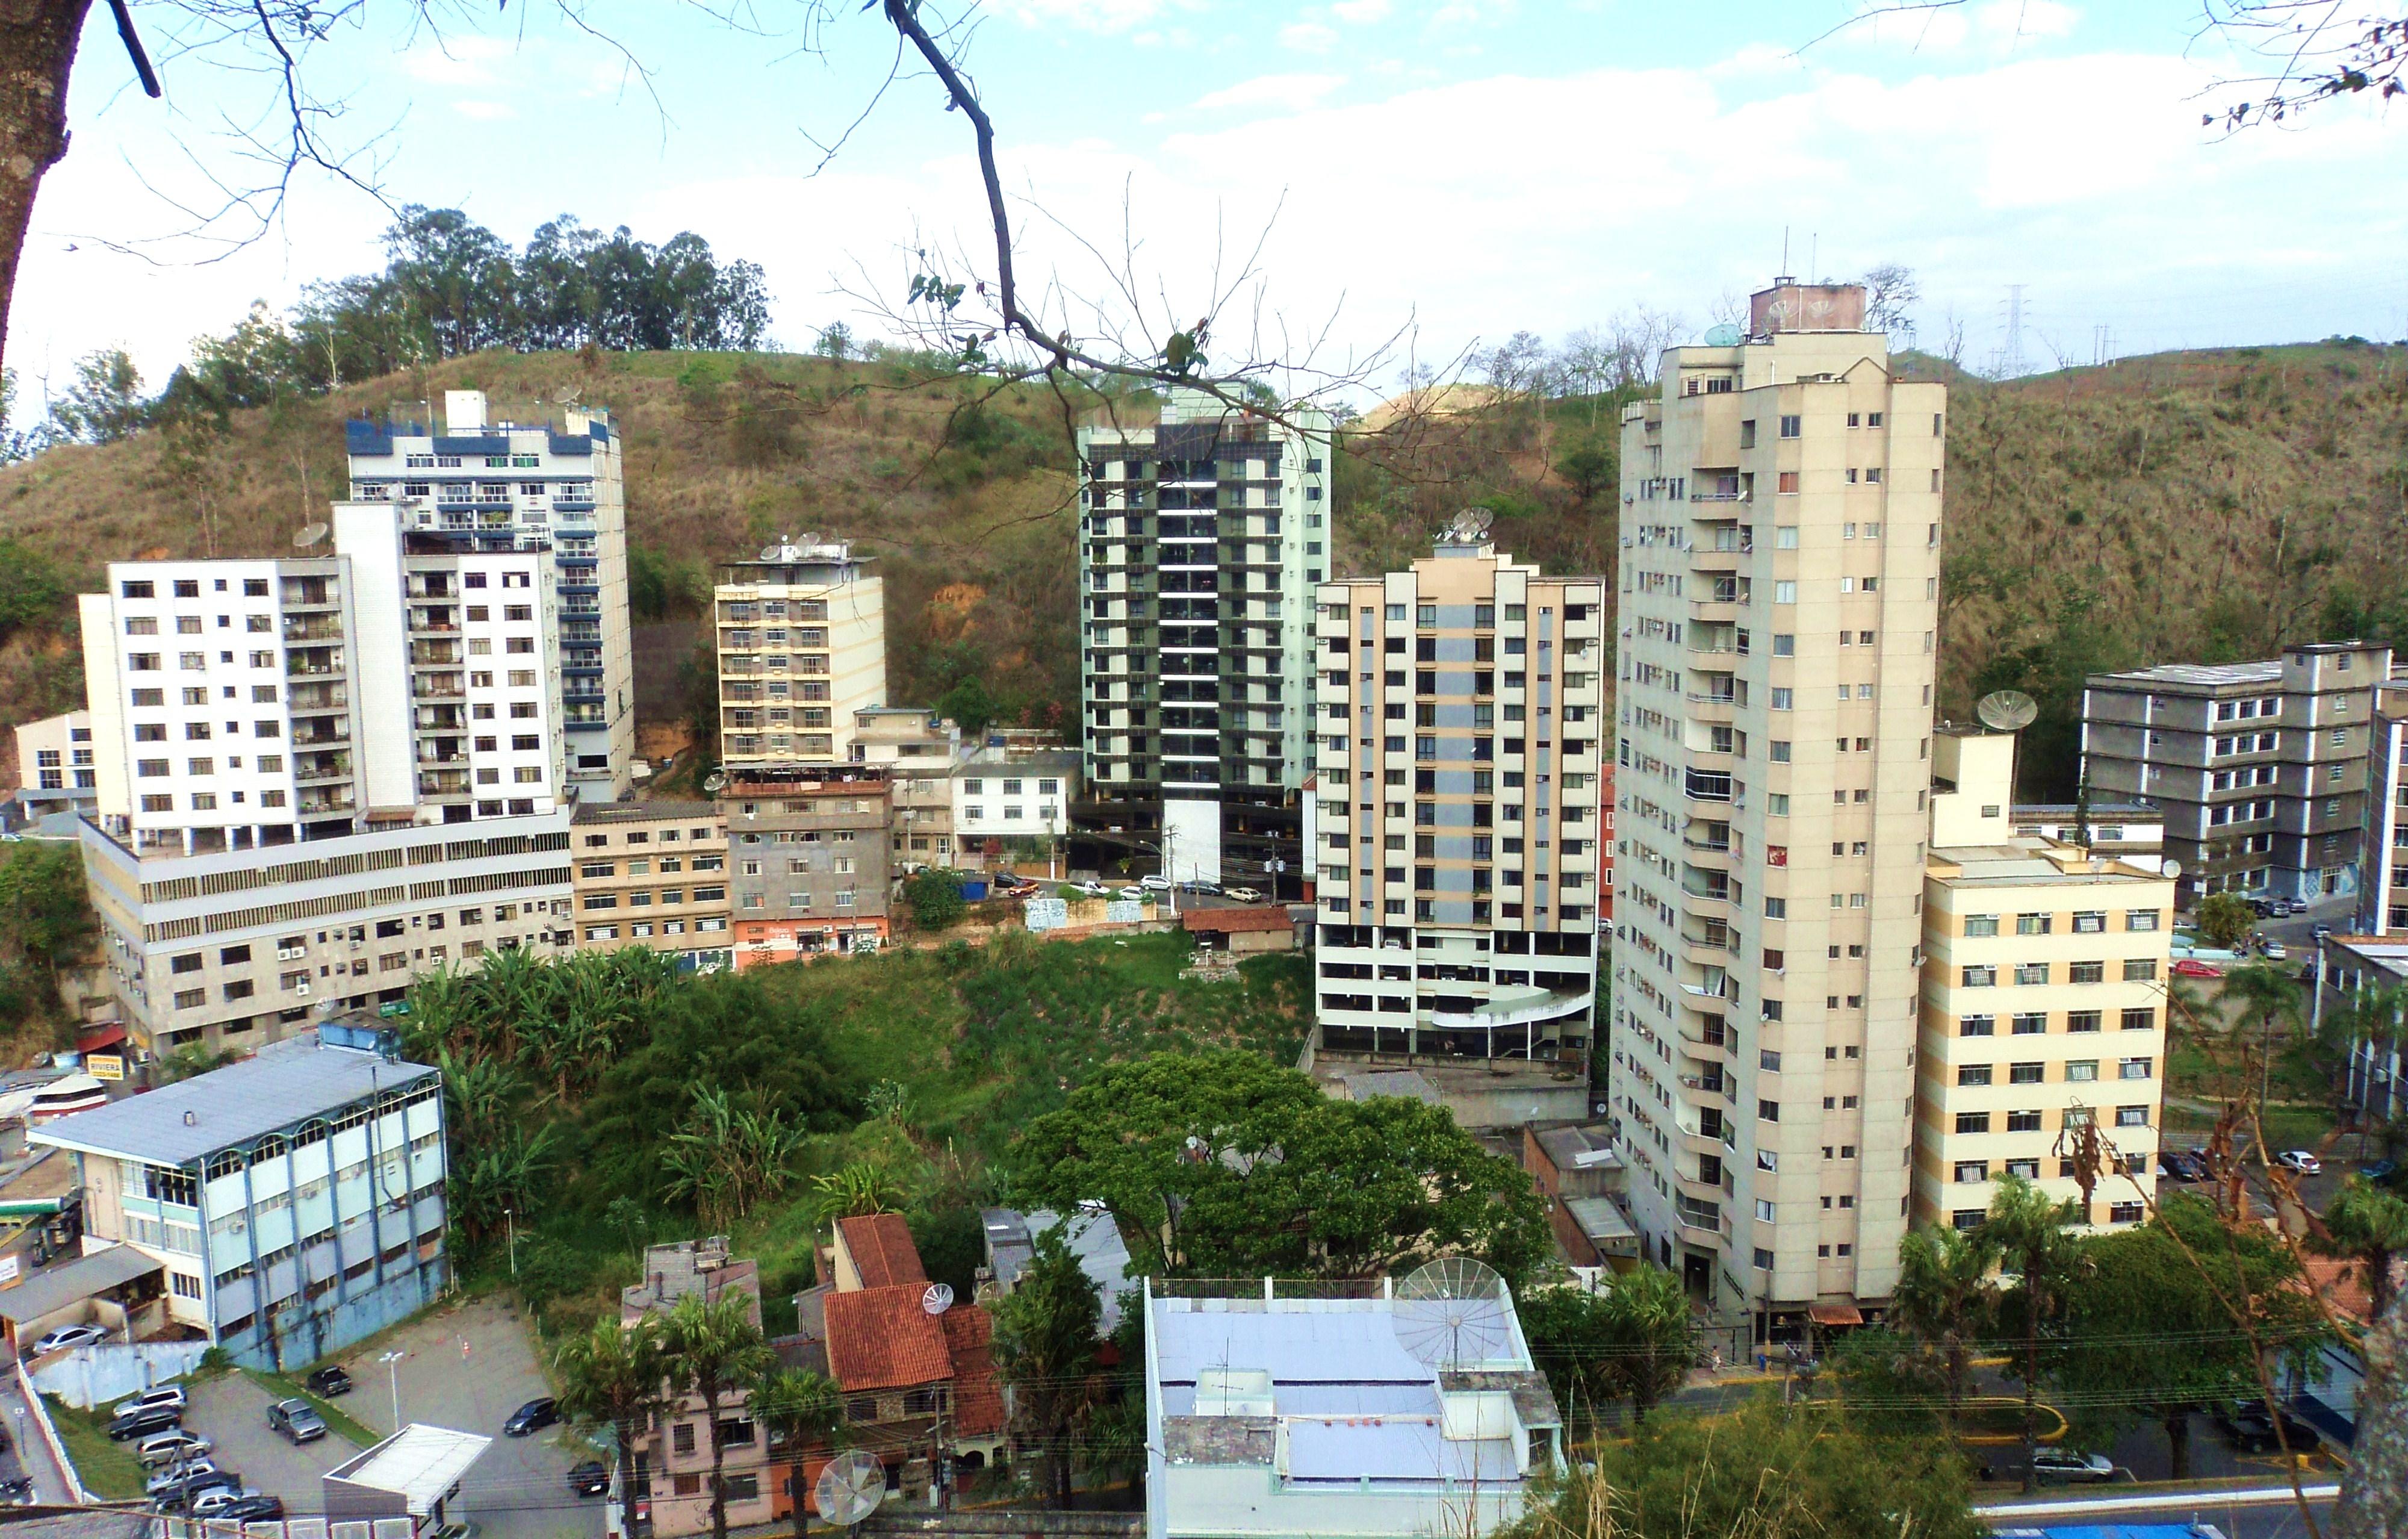 Vista de uma das regiões nobres da cidade. A extrema direita, localiza-se